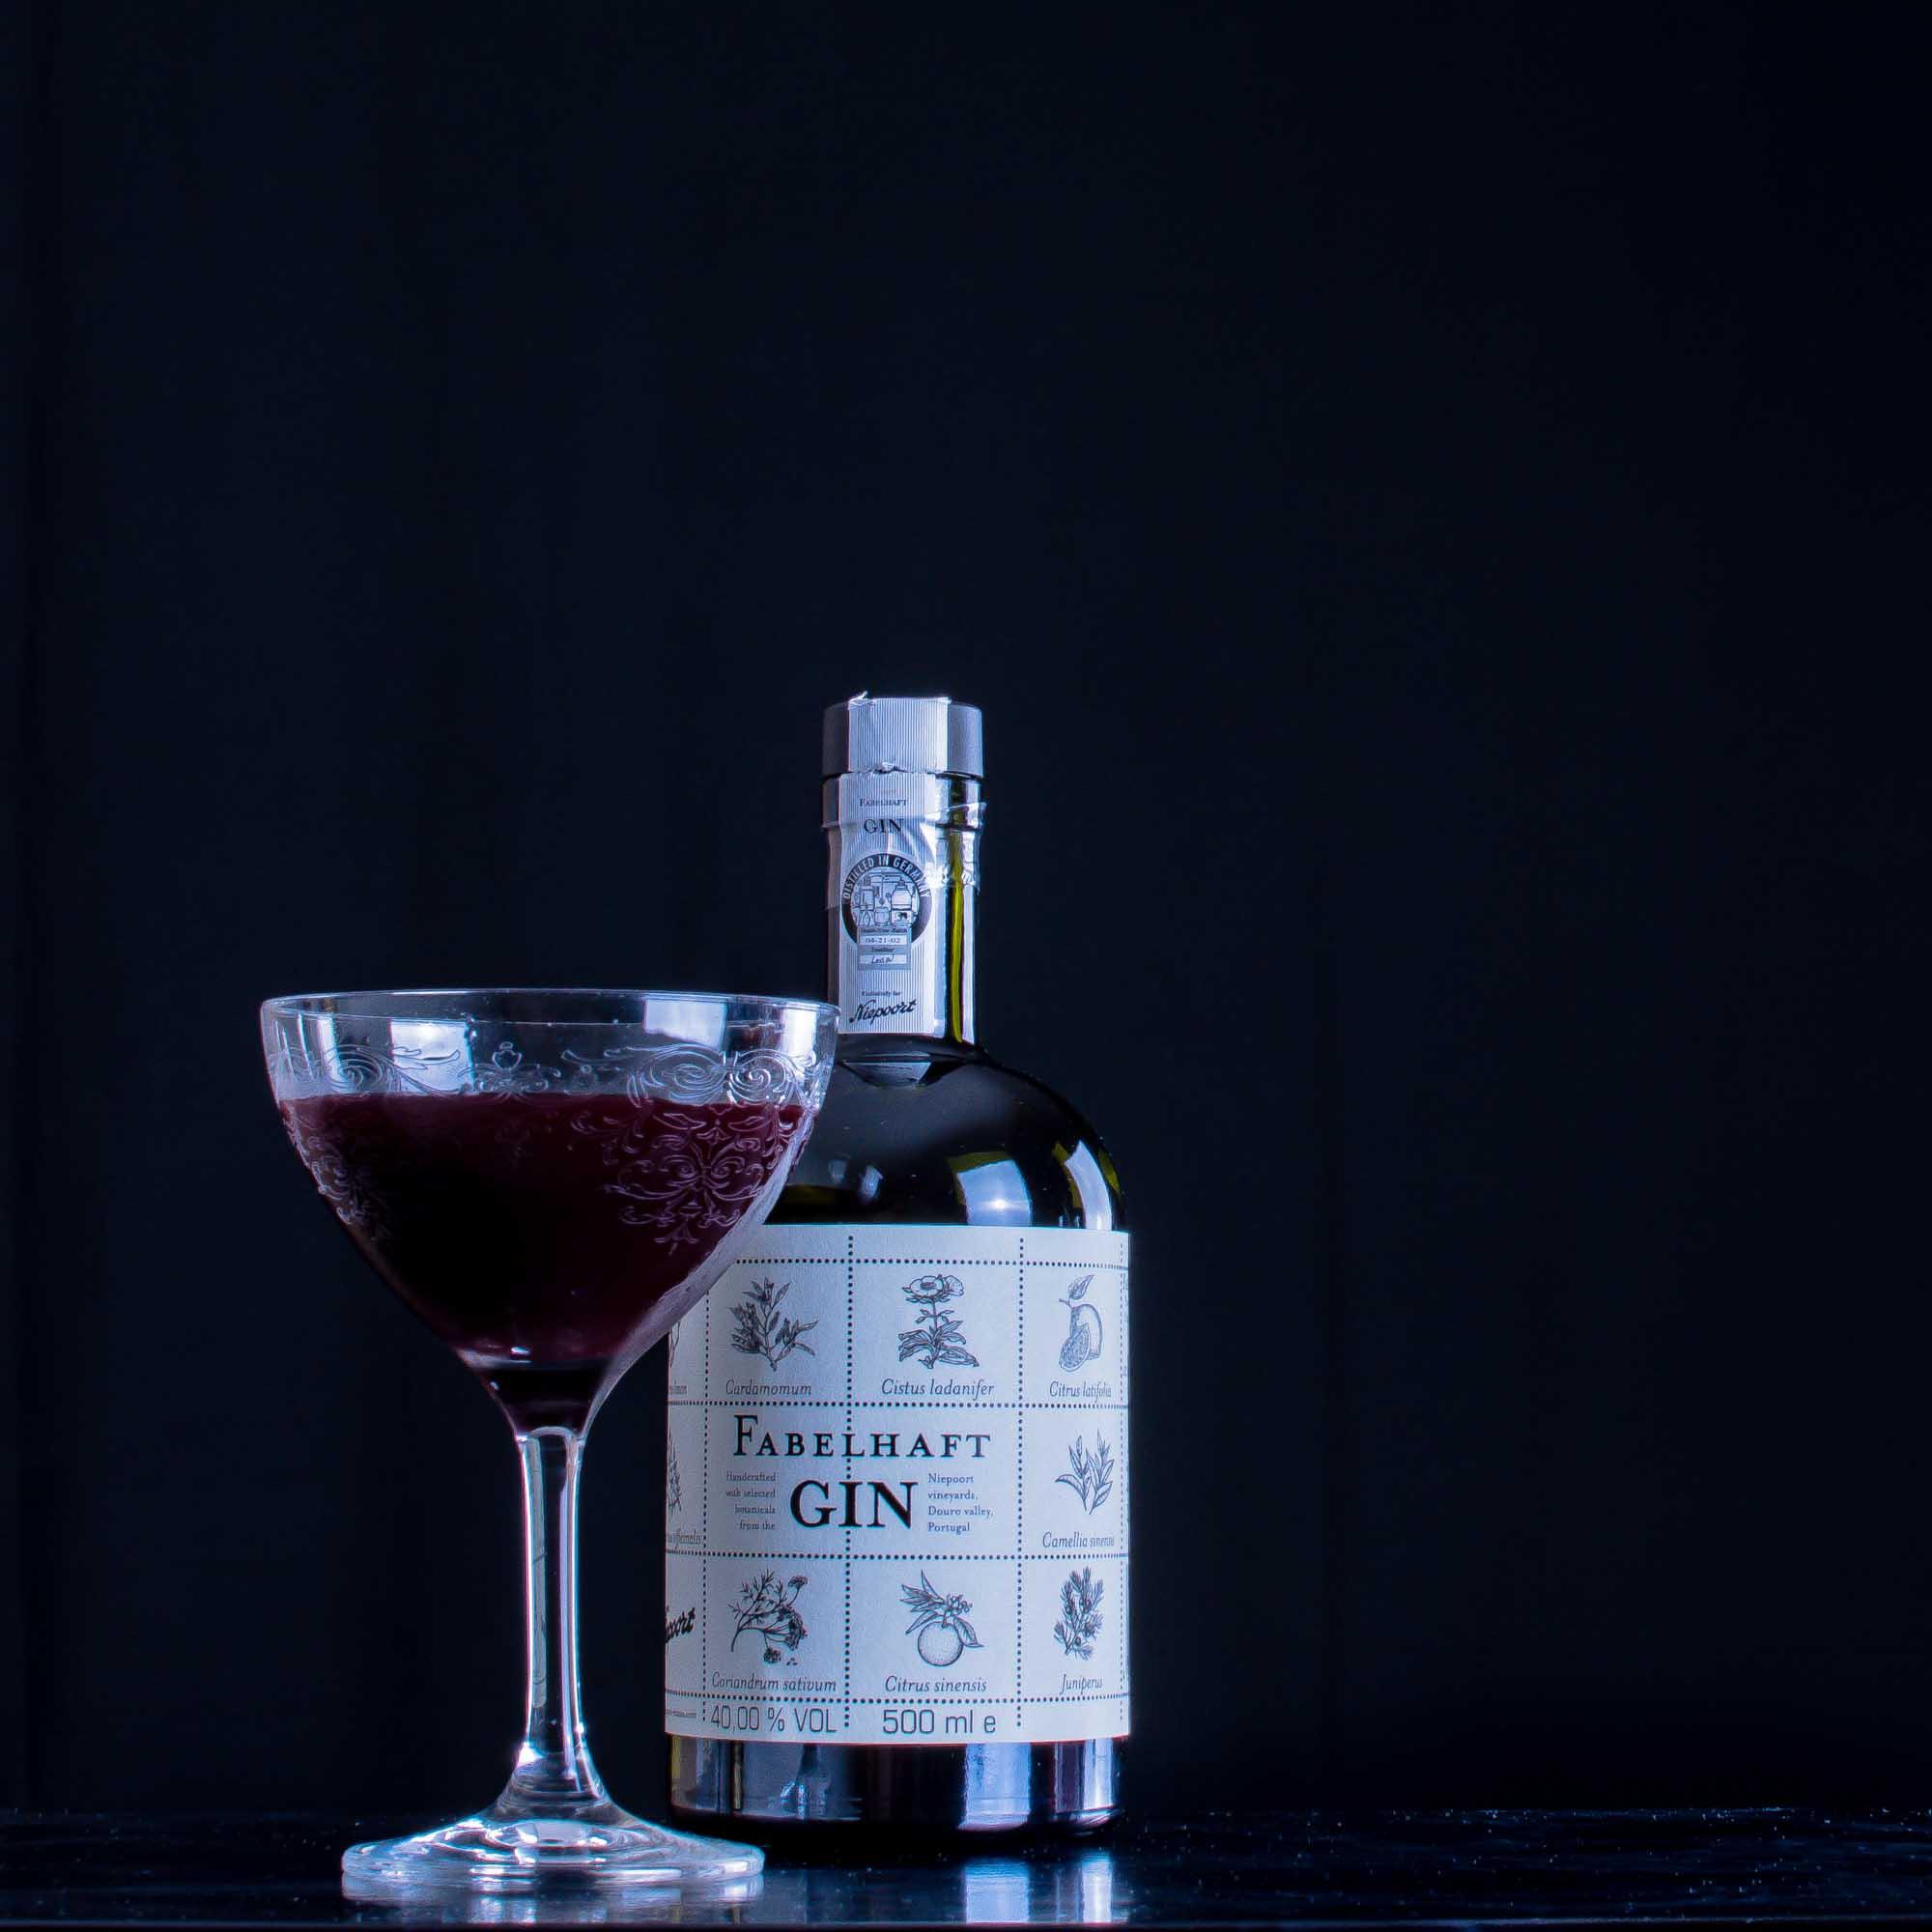 Ein Port Martinez mit Fabelhaft Gin.